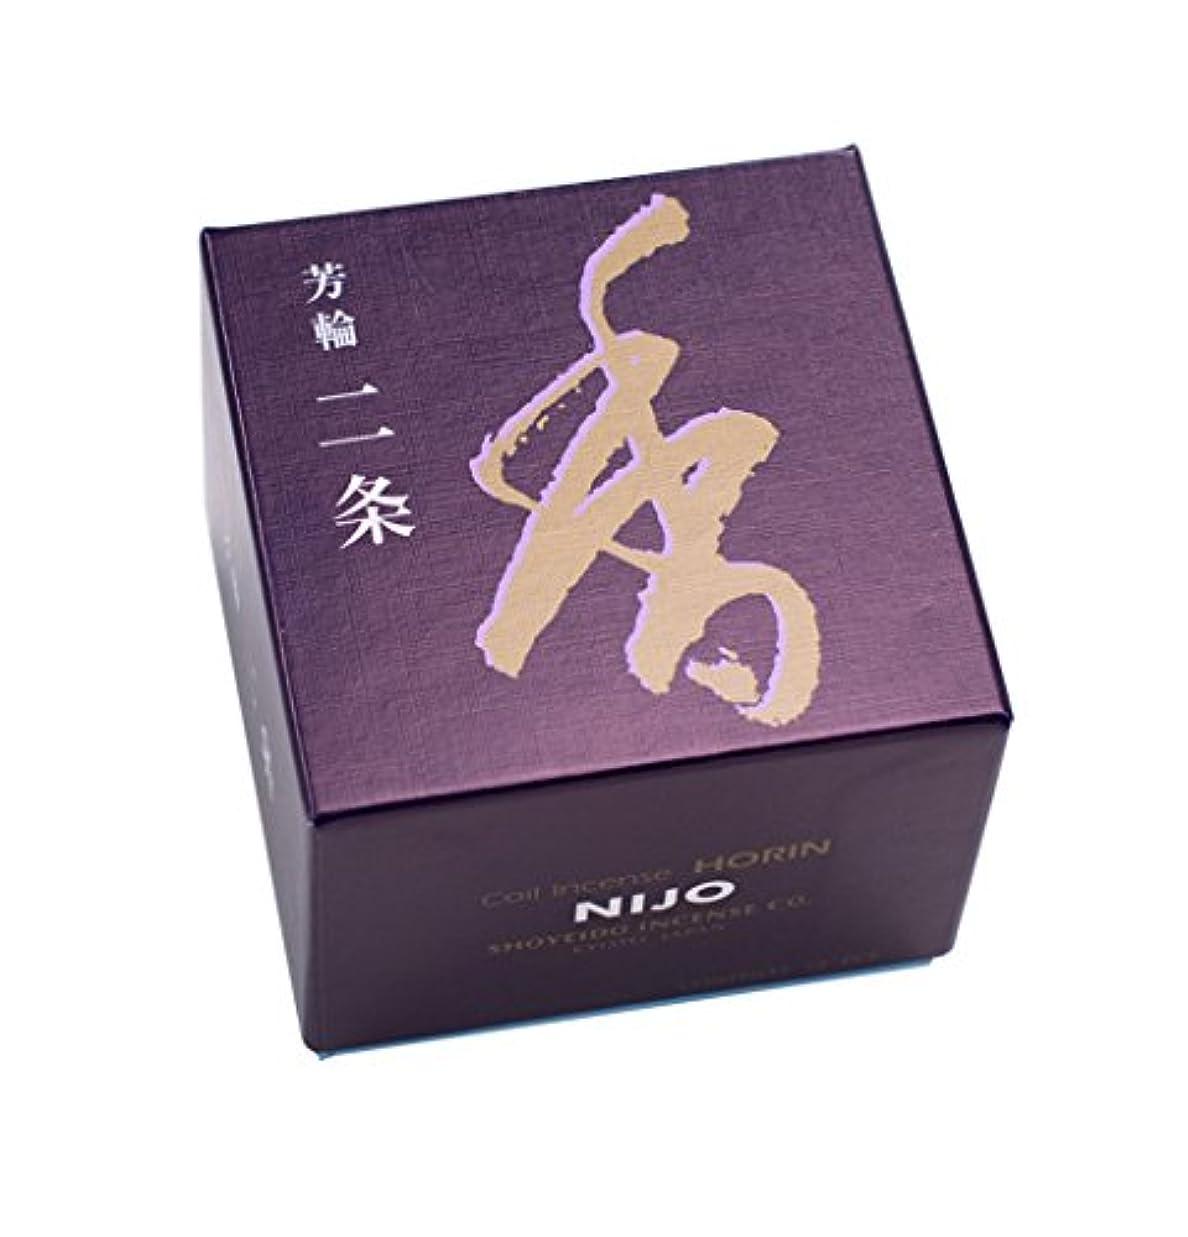 コンサート借りるソフィー松栄堂のお香 芳輪二条 渦巻型10枚入 うてな角型付 #210121